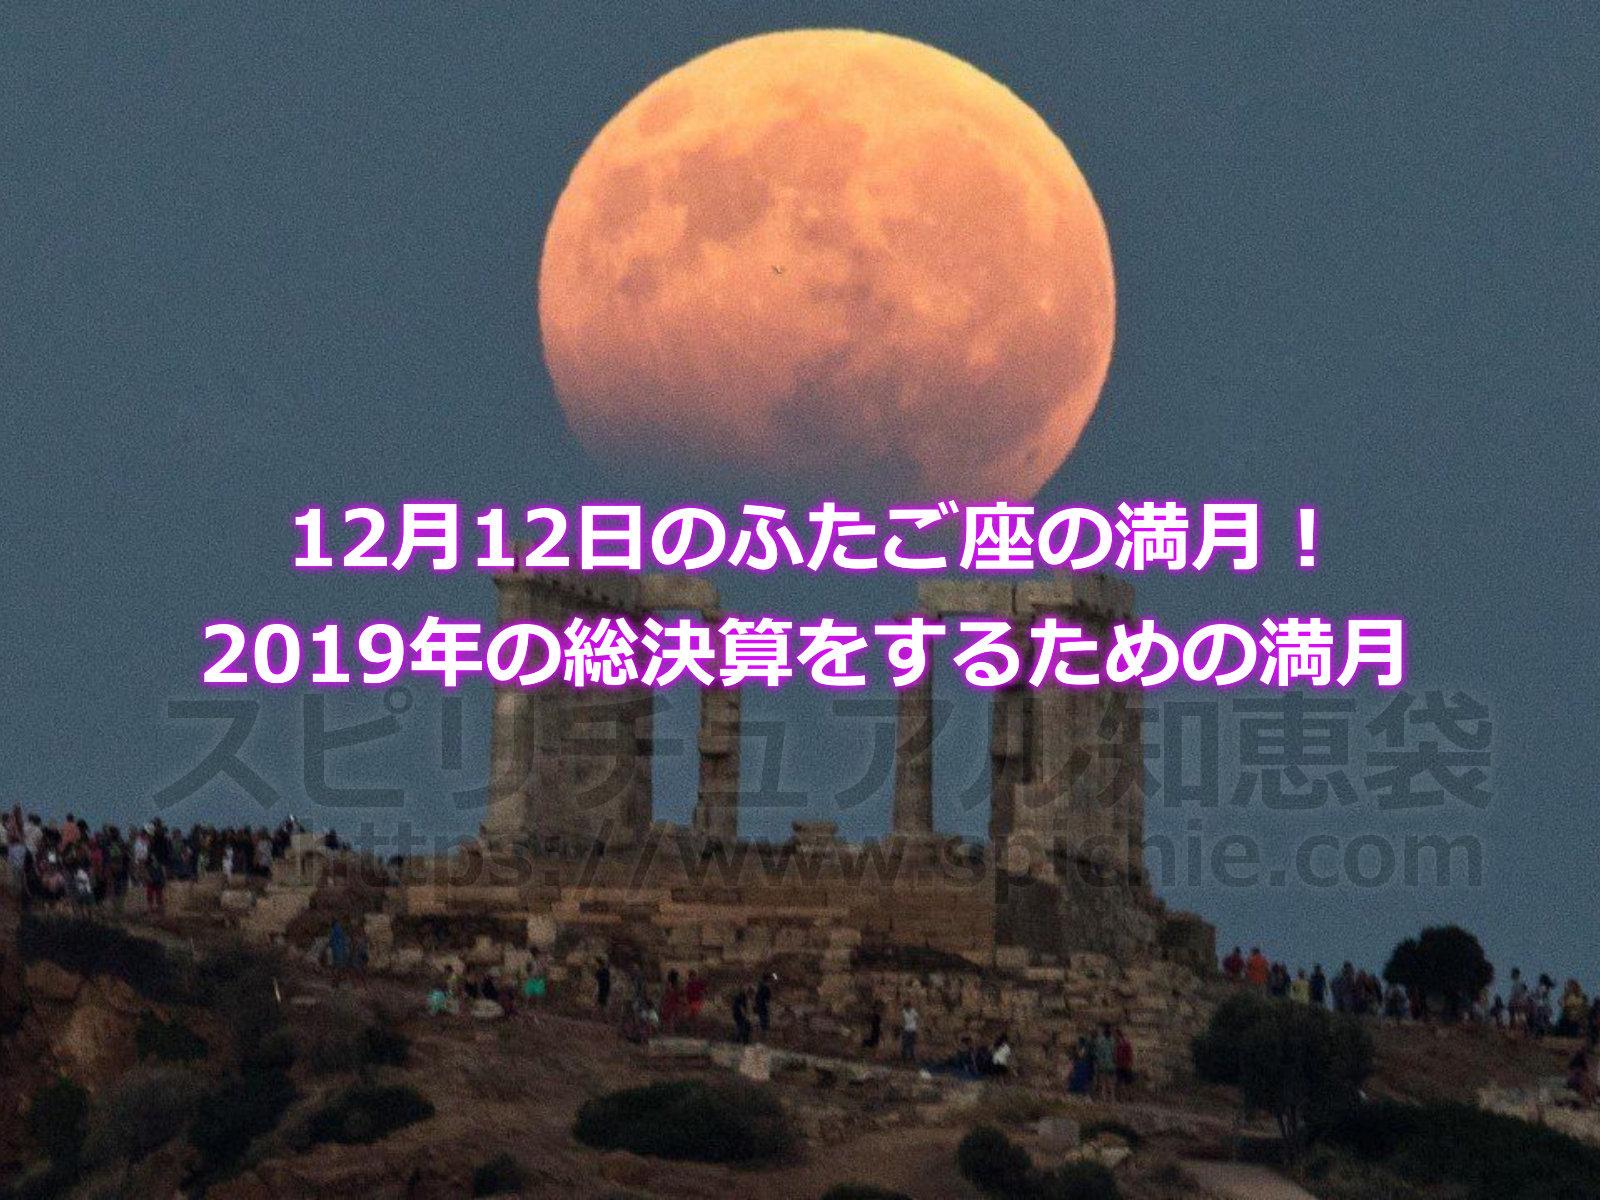 12月12日のふたご座の満月!2019年の総決算をするための満月のアイキャッチ画像